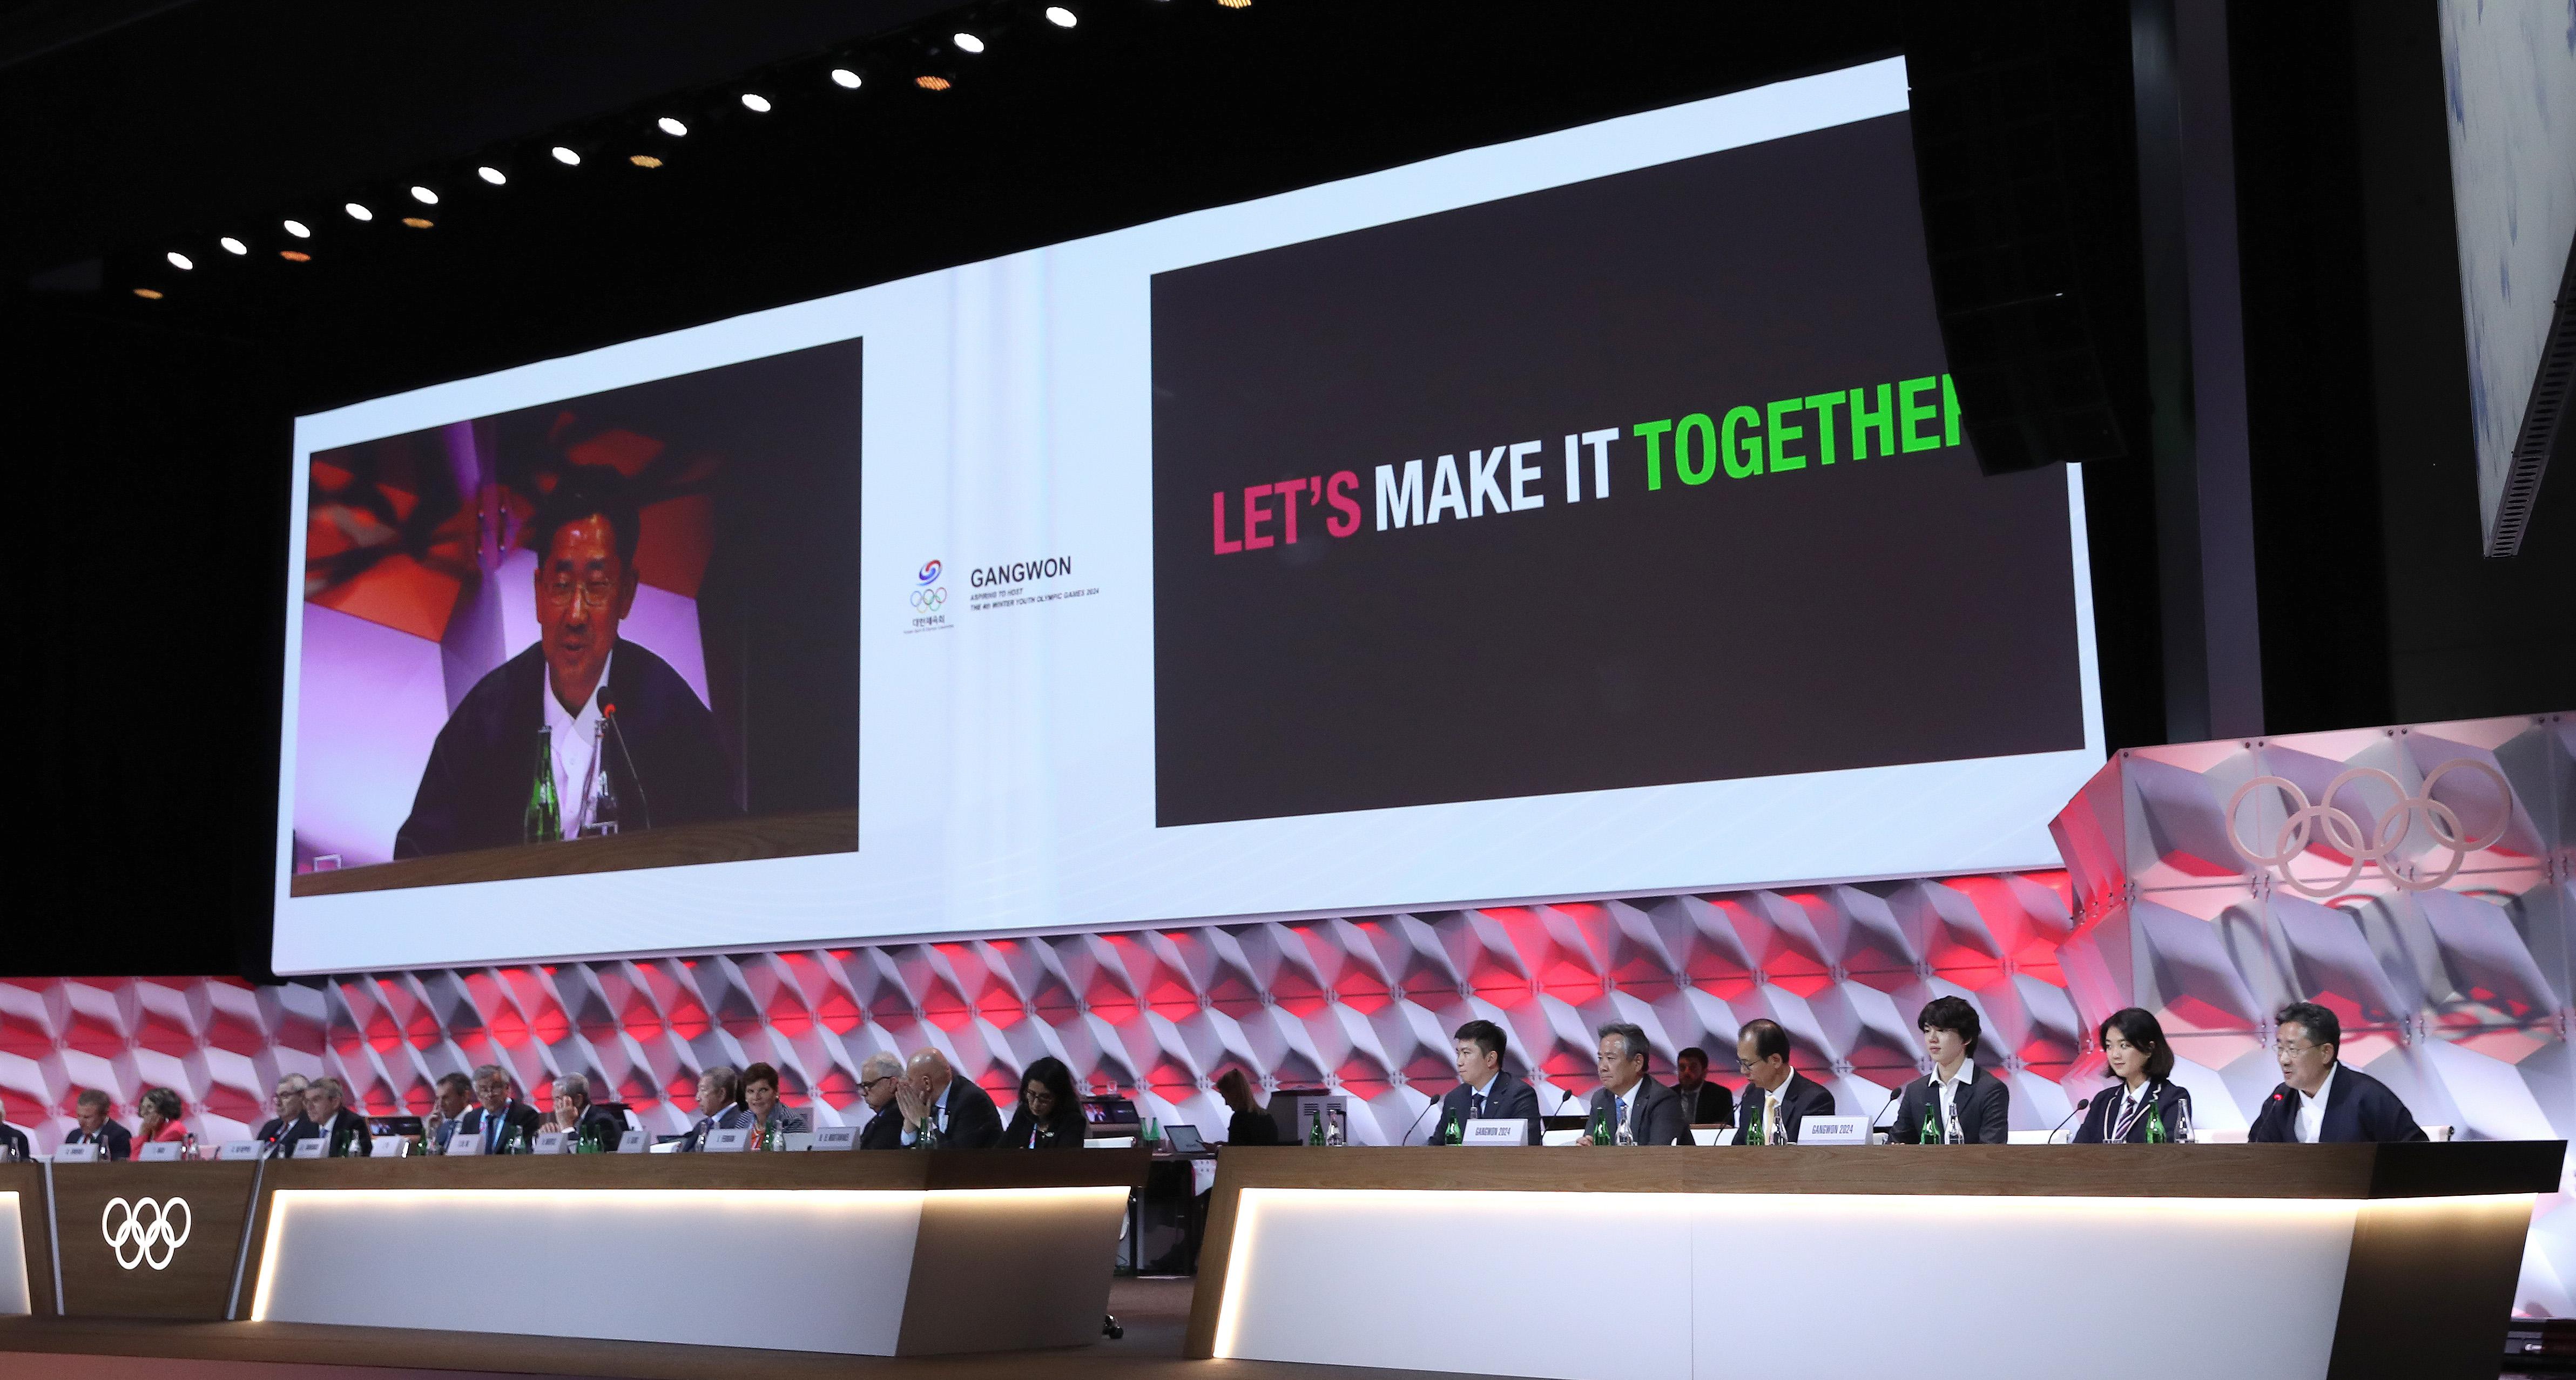 박양우 문화체육관광부 장관(오른쪽) 등 2024 강원 동계 청소년 올림픽 유치 대표단이 10일 스위스 로잔에서 열린 제135차 국제올림픽위원회(IOC) 총회에서 프레젠테이션을 하고 있다.